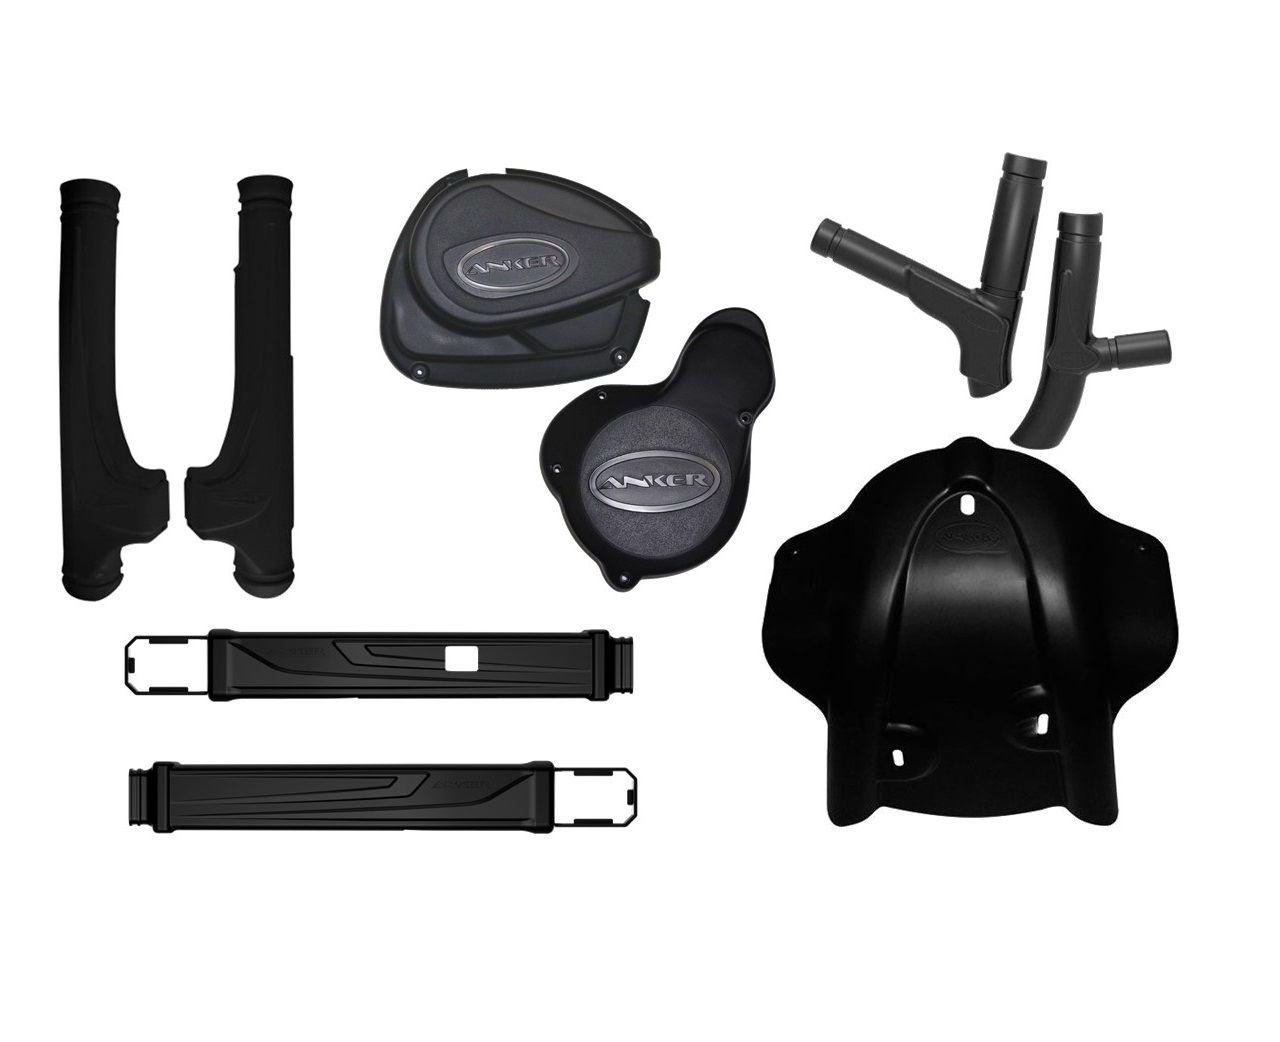 Kit Protetores Anker CRF230 Motor + Bengala + Balança + Quadro Preto